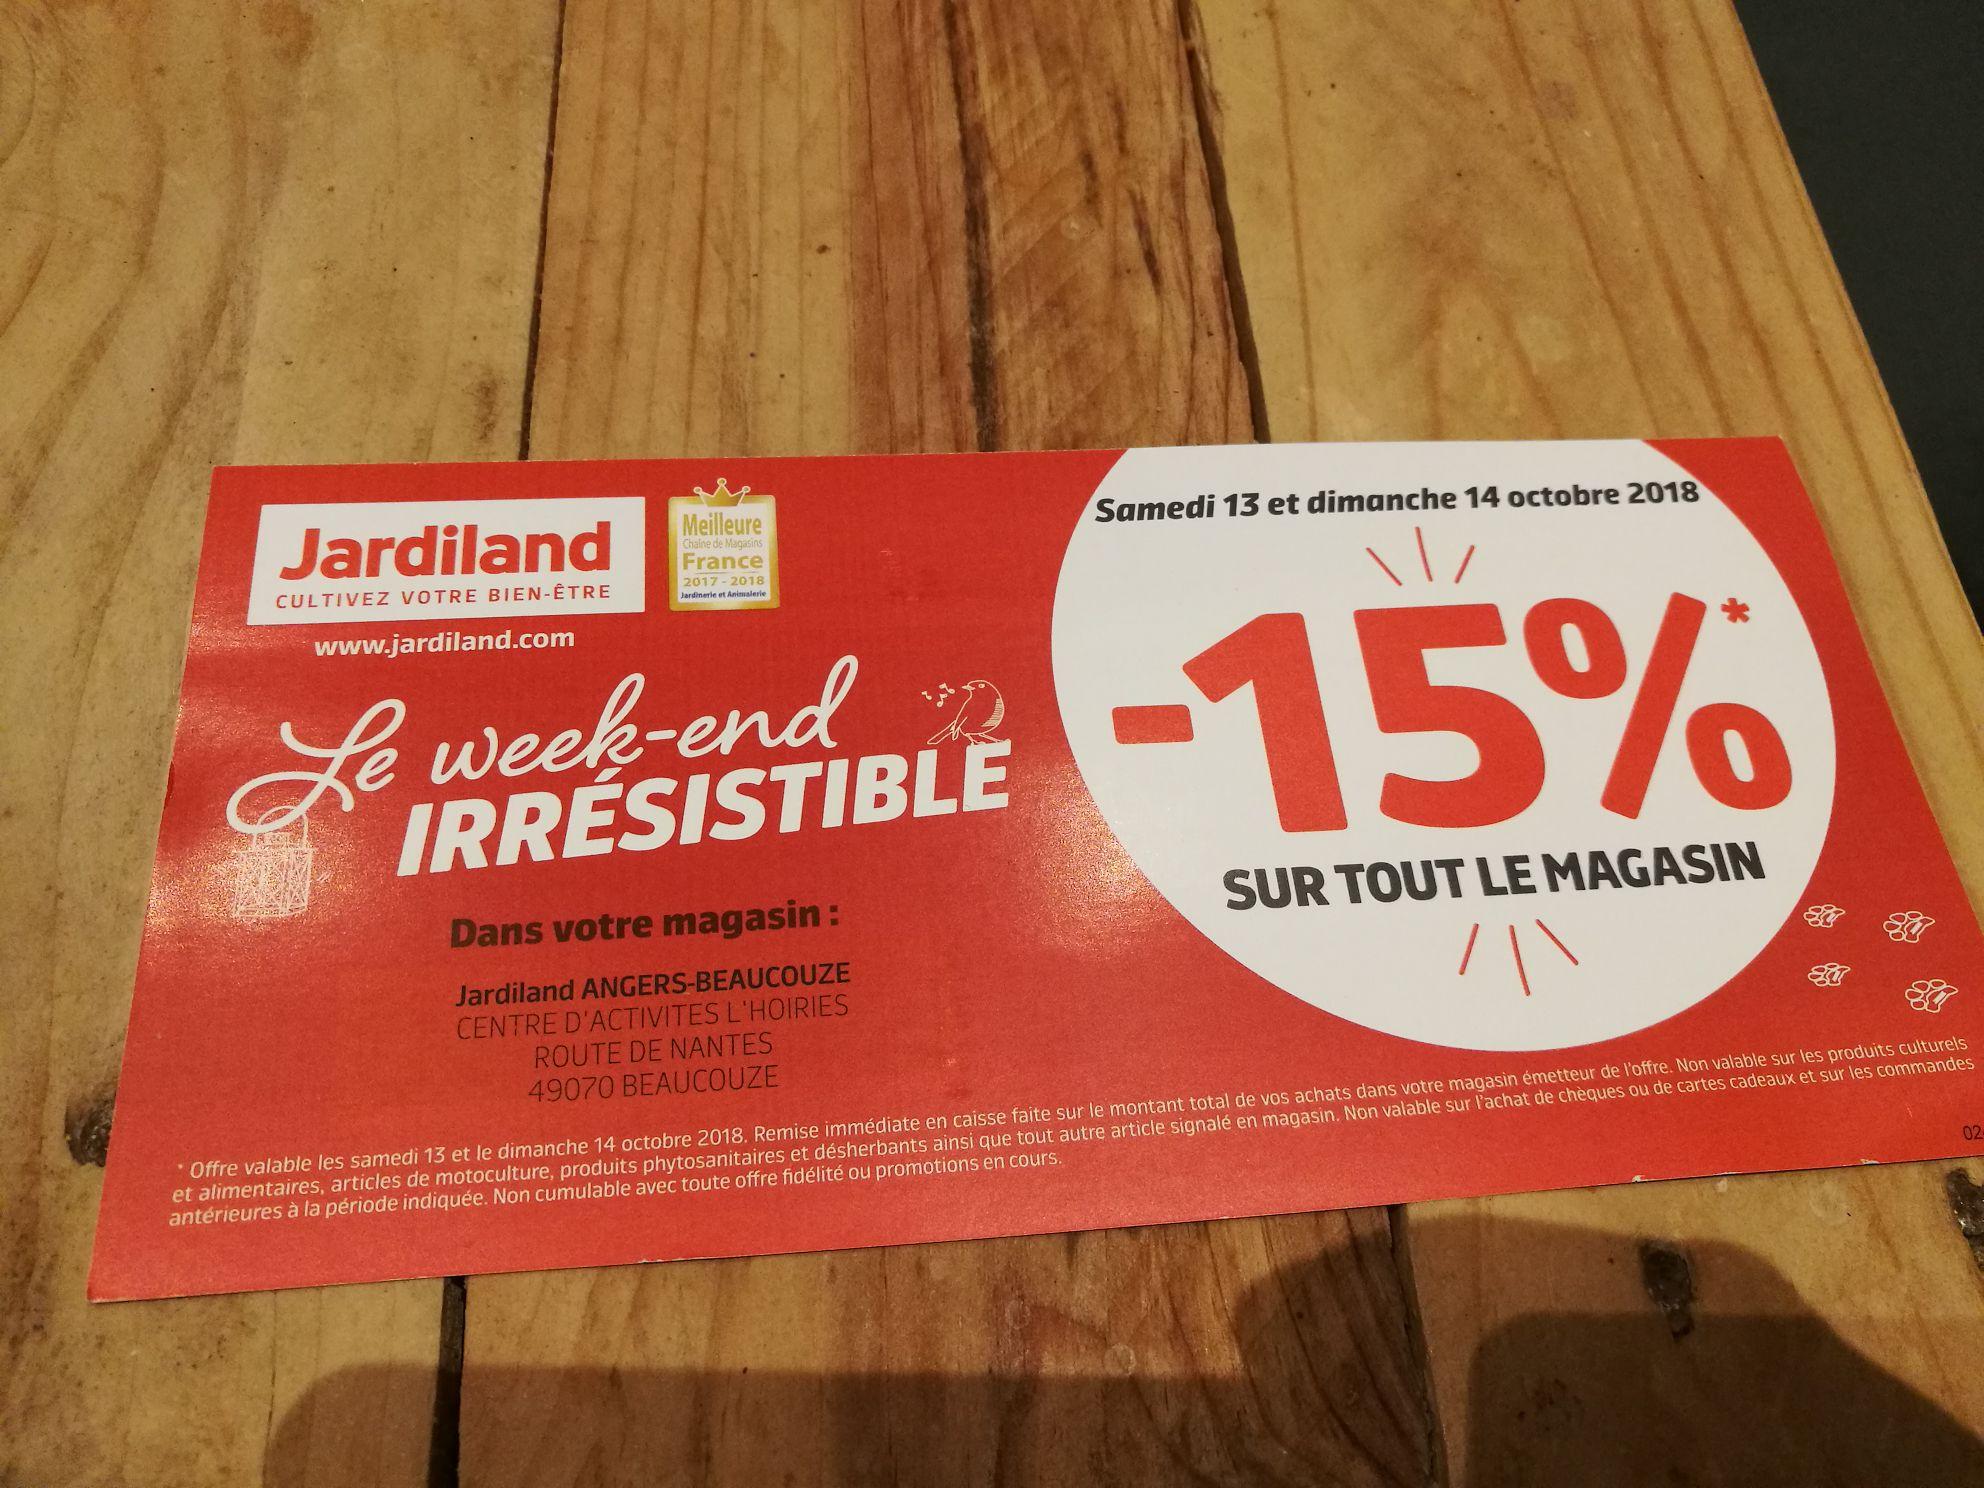 15% de réduction immédiate sur tout le magasin (hors exceptions) - Beaucouzé (49)